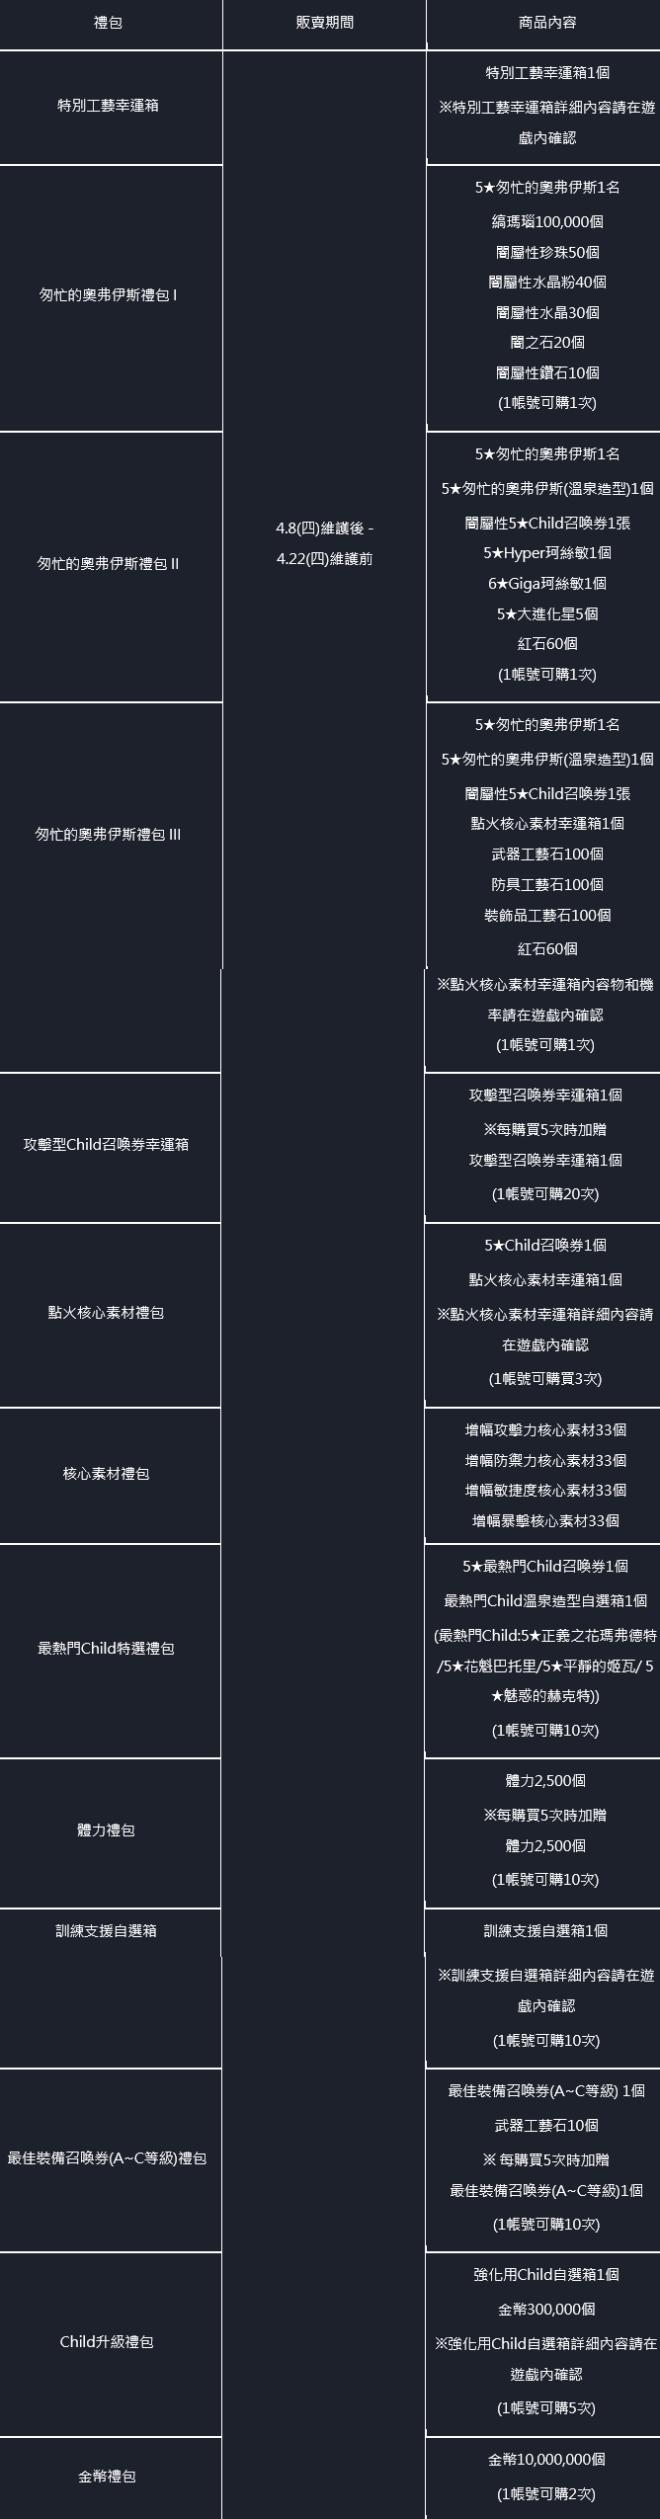 命運之子: 歷史新聞/活動 - 21/04/08 改版公告 image 37